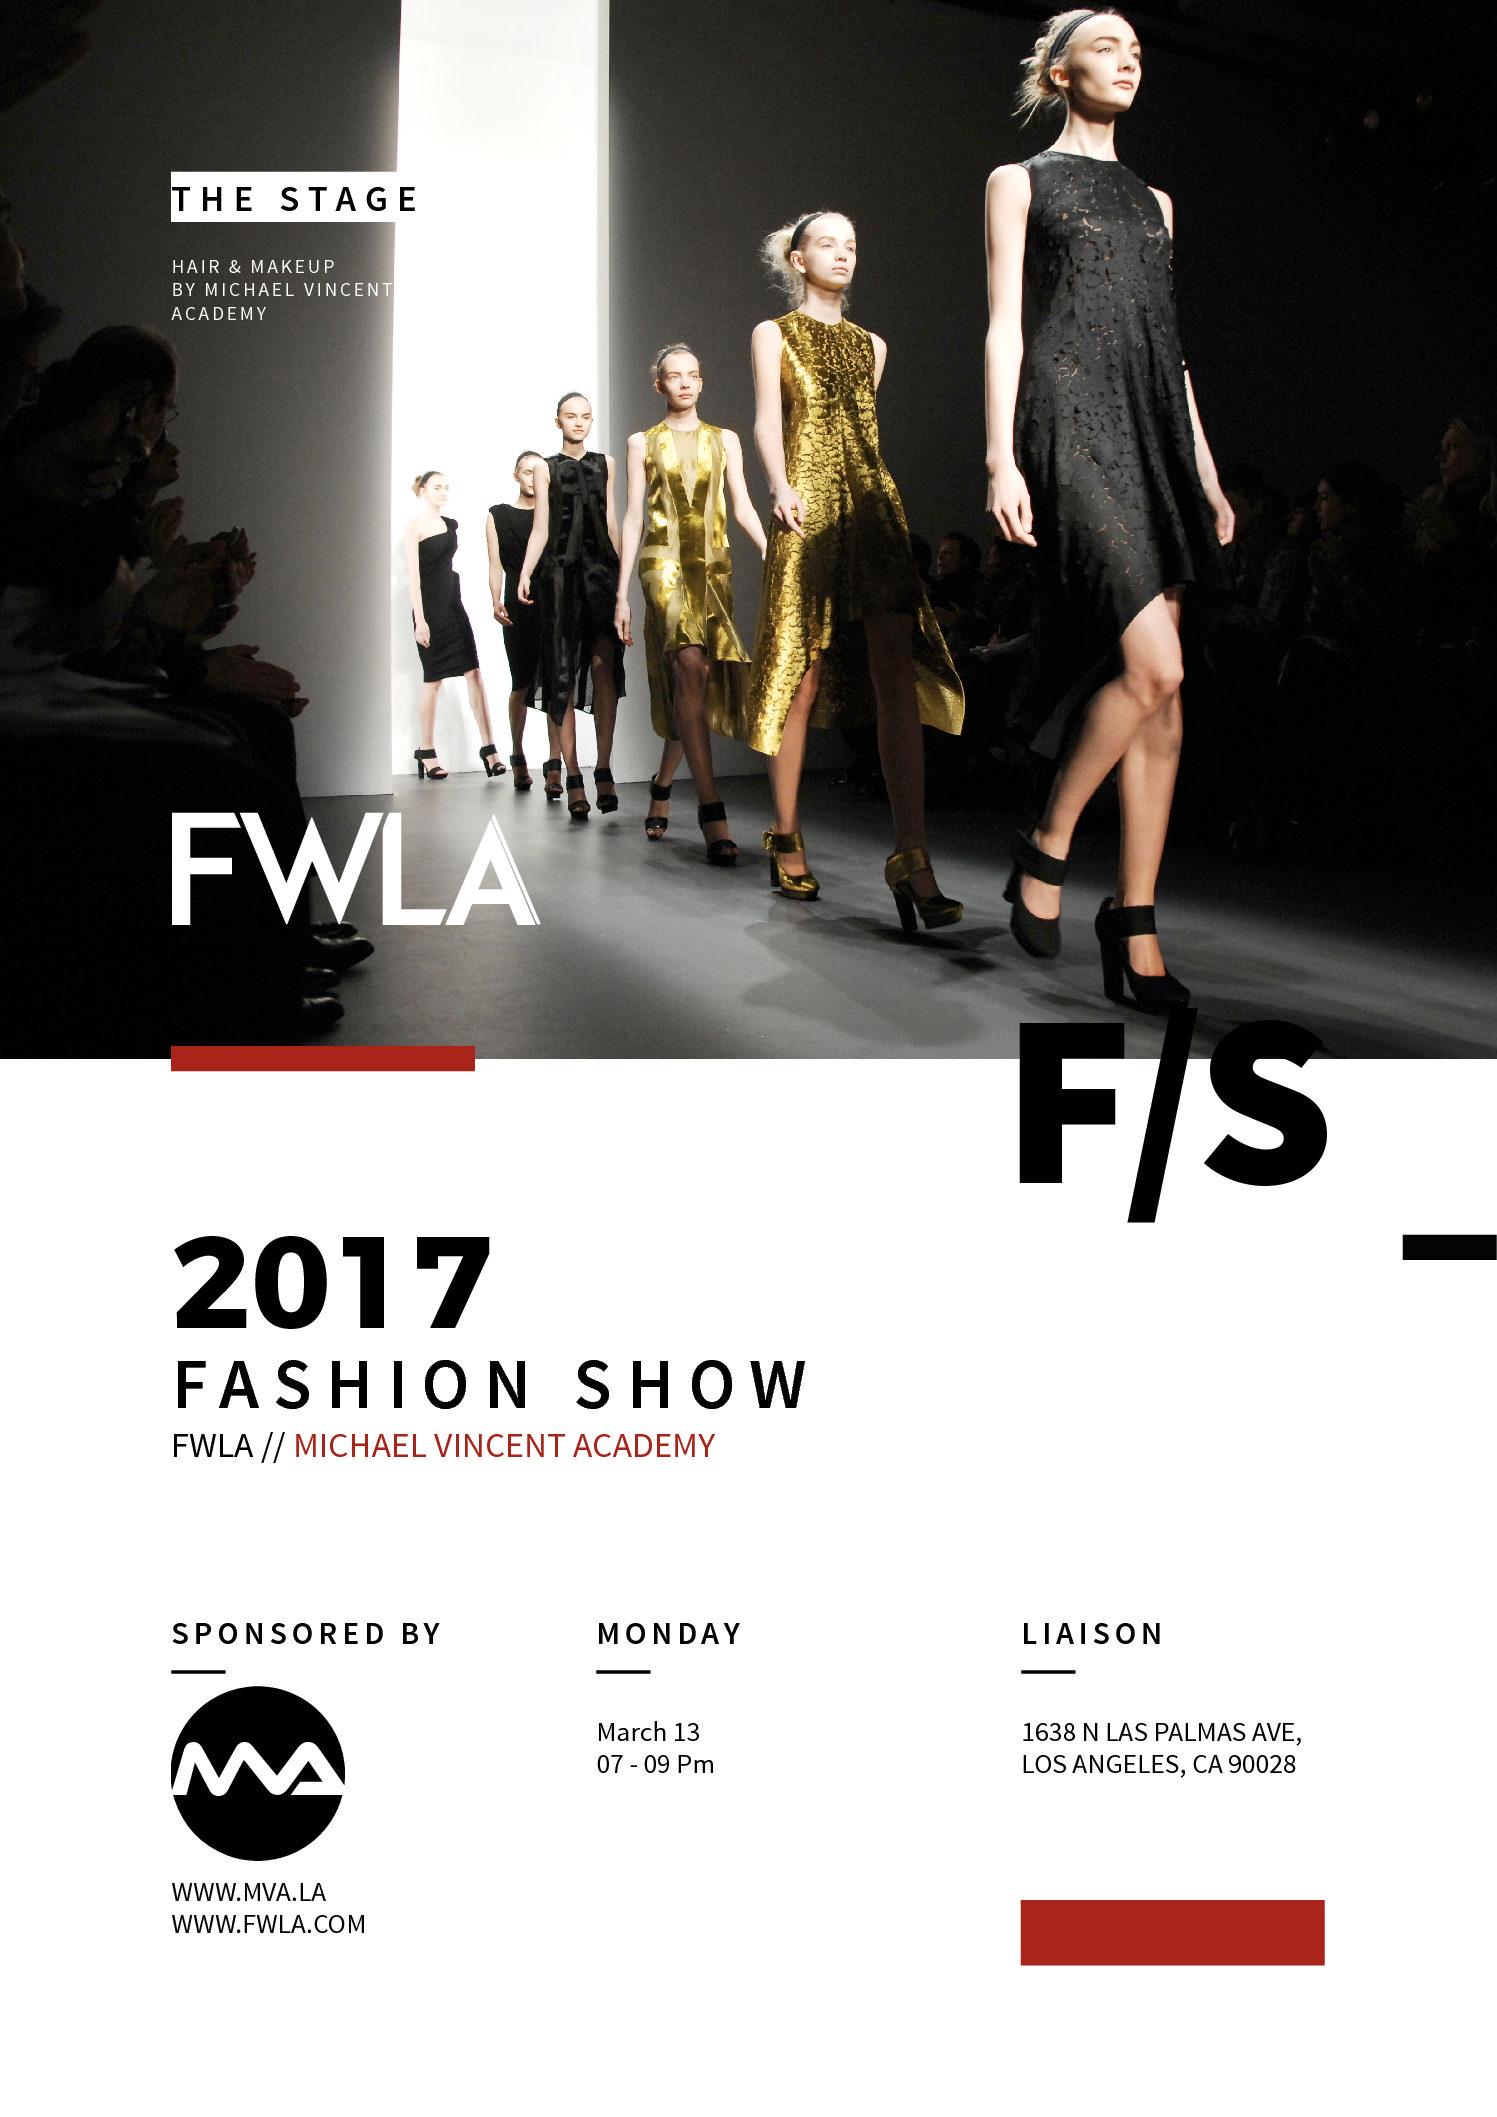 FWLA 2017